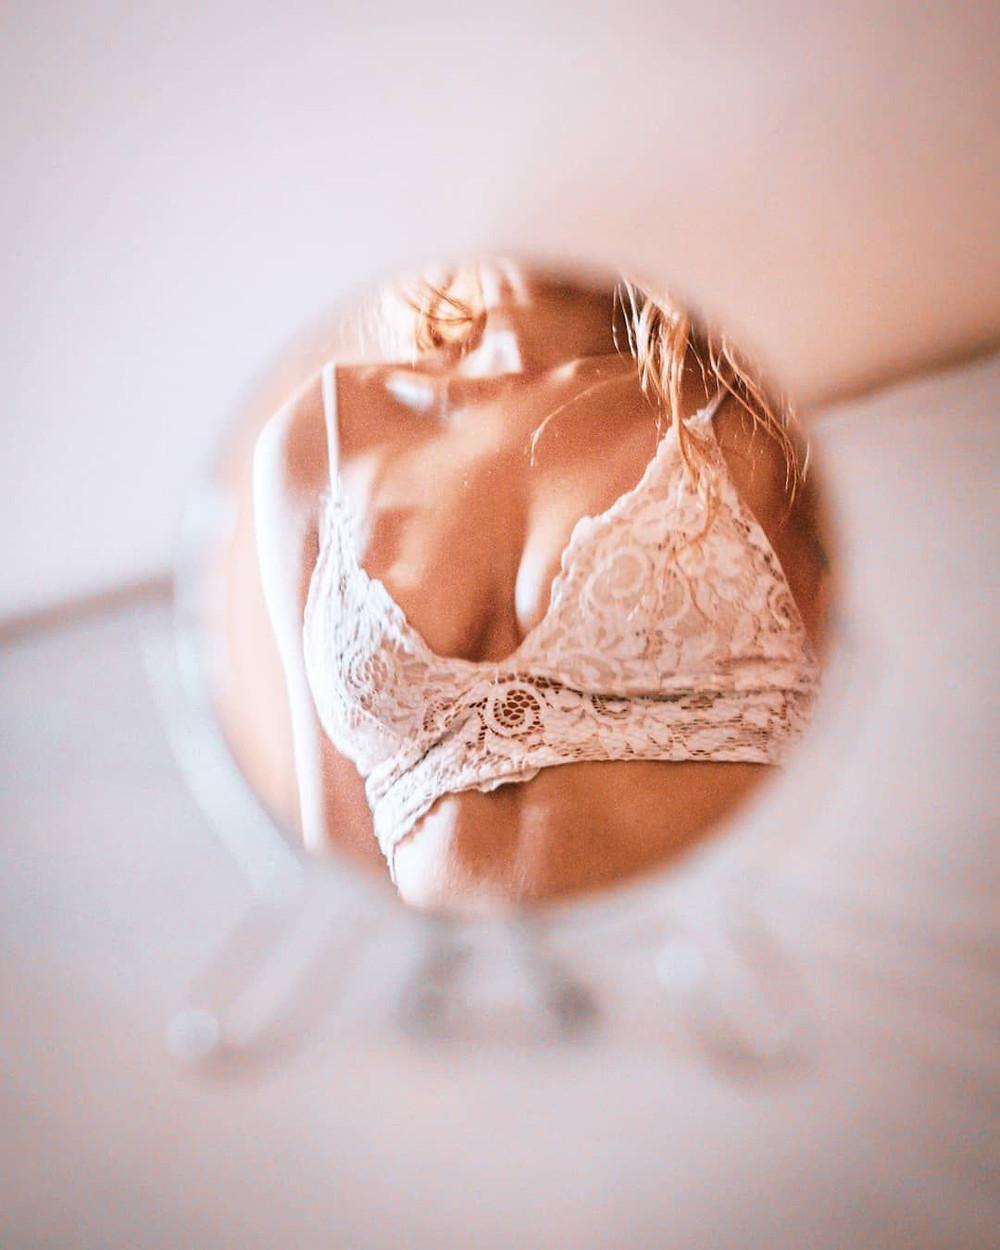 Galeria Felipe Hueb - 8 dicas de acessórios para seu ensaio sensual